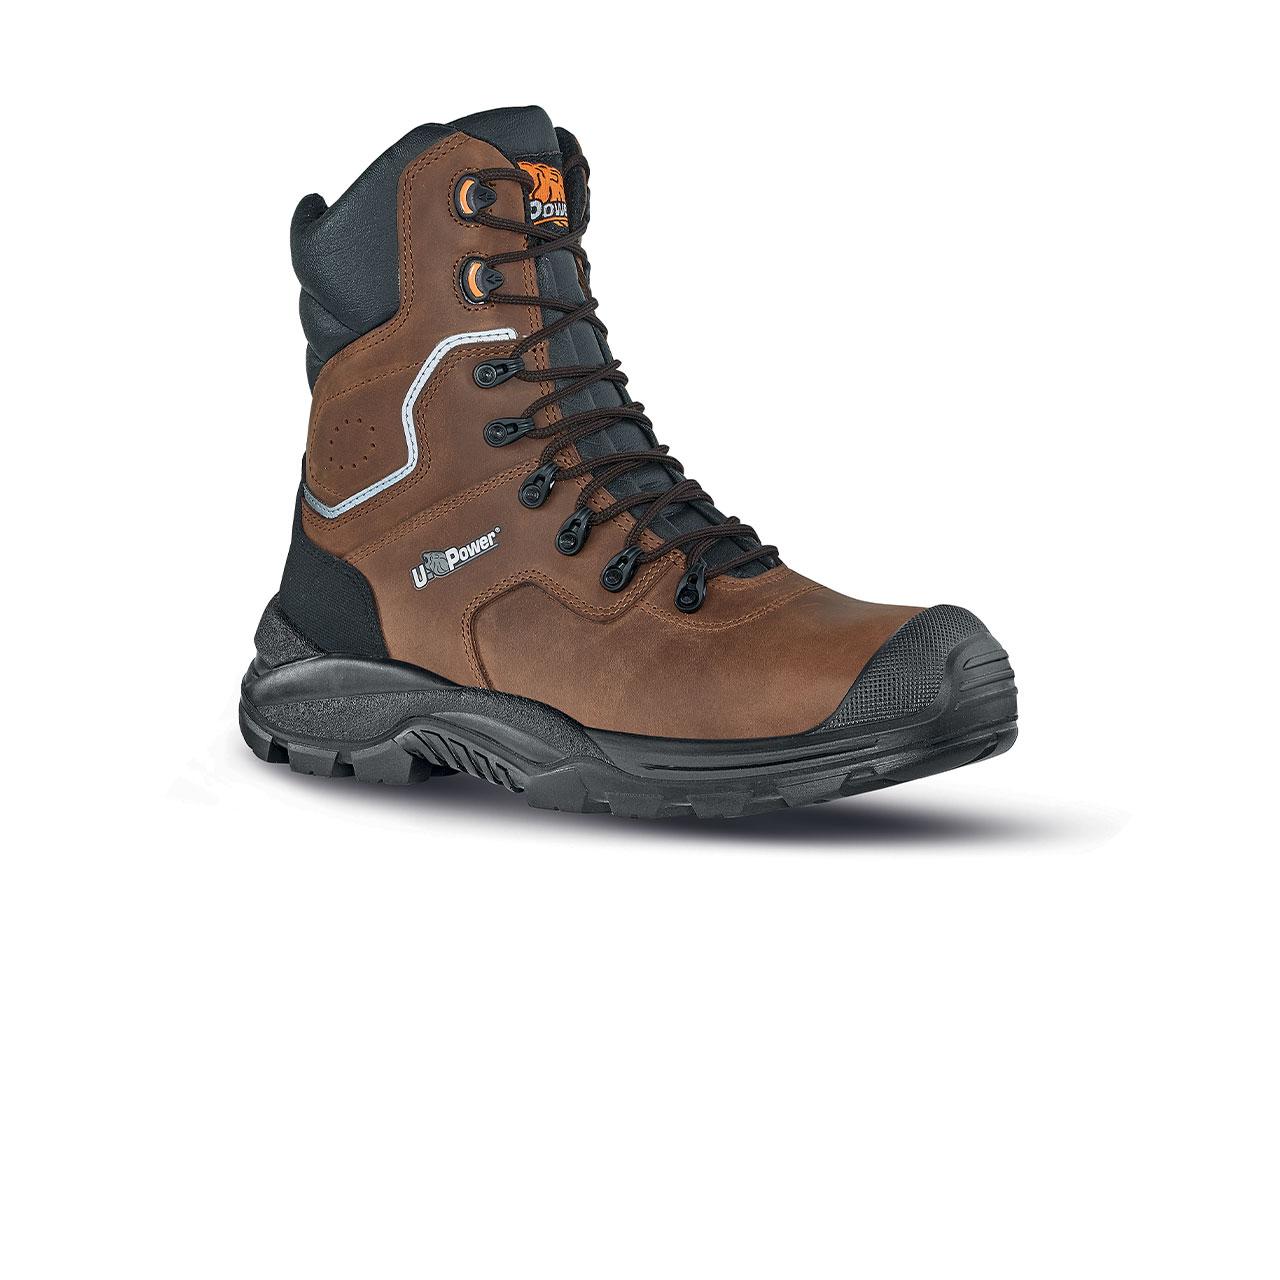 scarpa antinfortunistica upower modello calgary linea rock_roll vista laterale